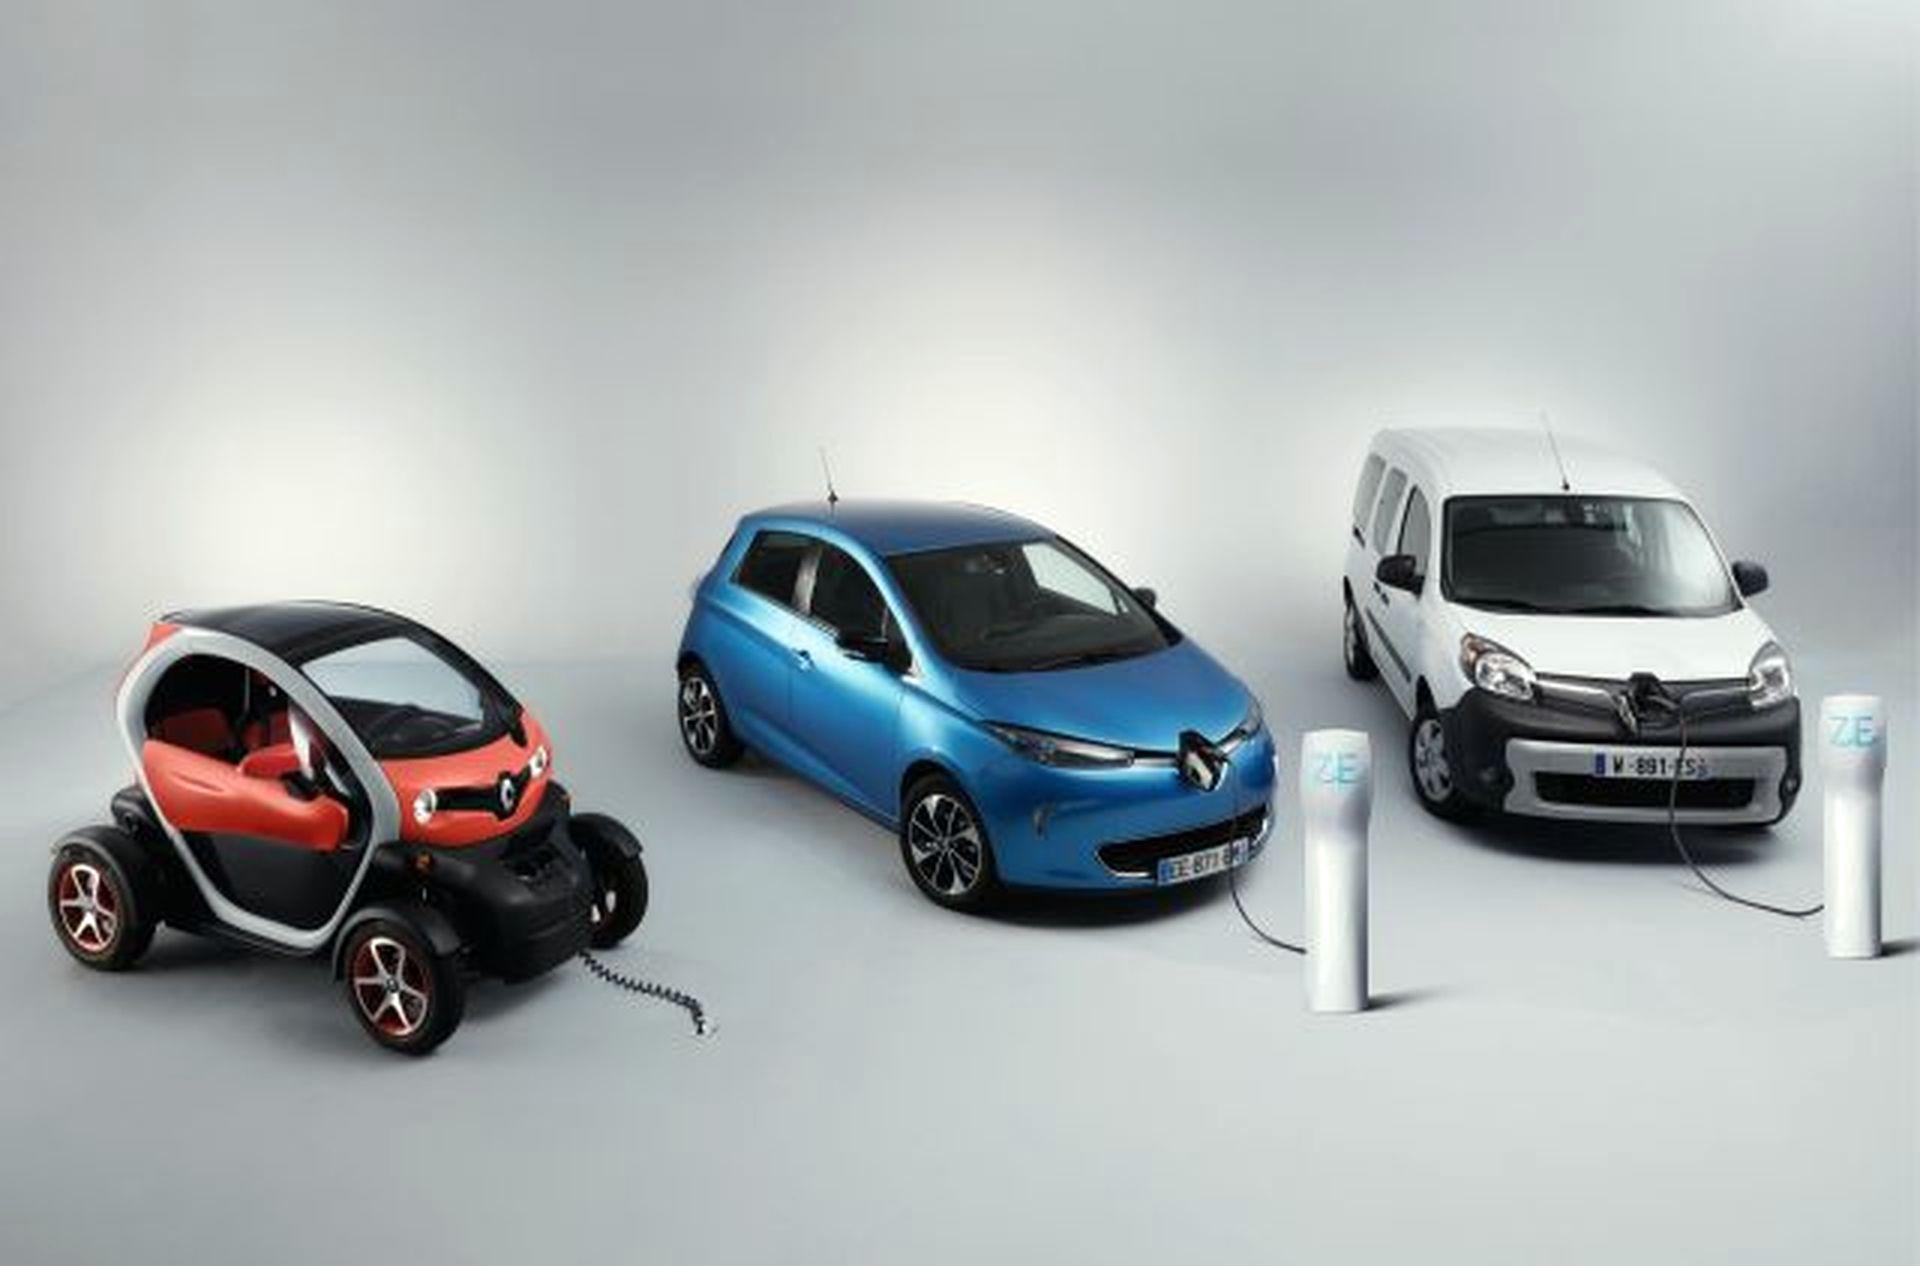 Renault розпочала продаж електрокарів в Україні